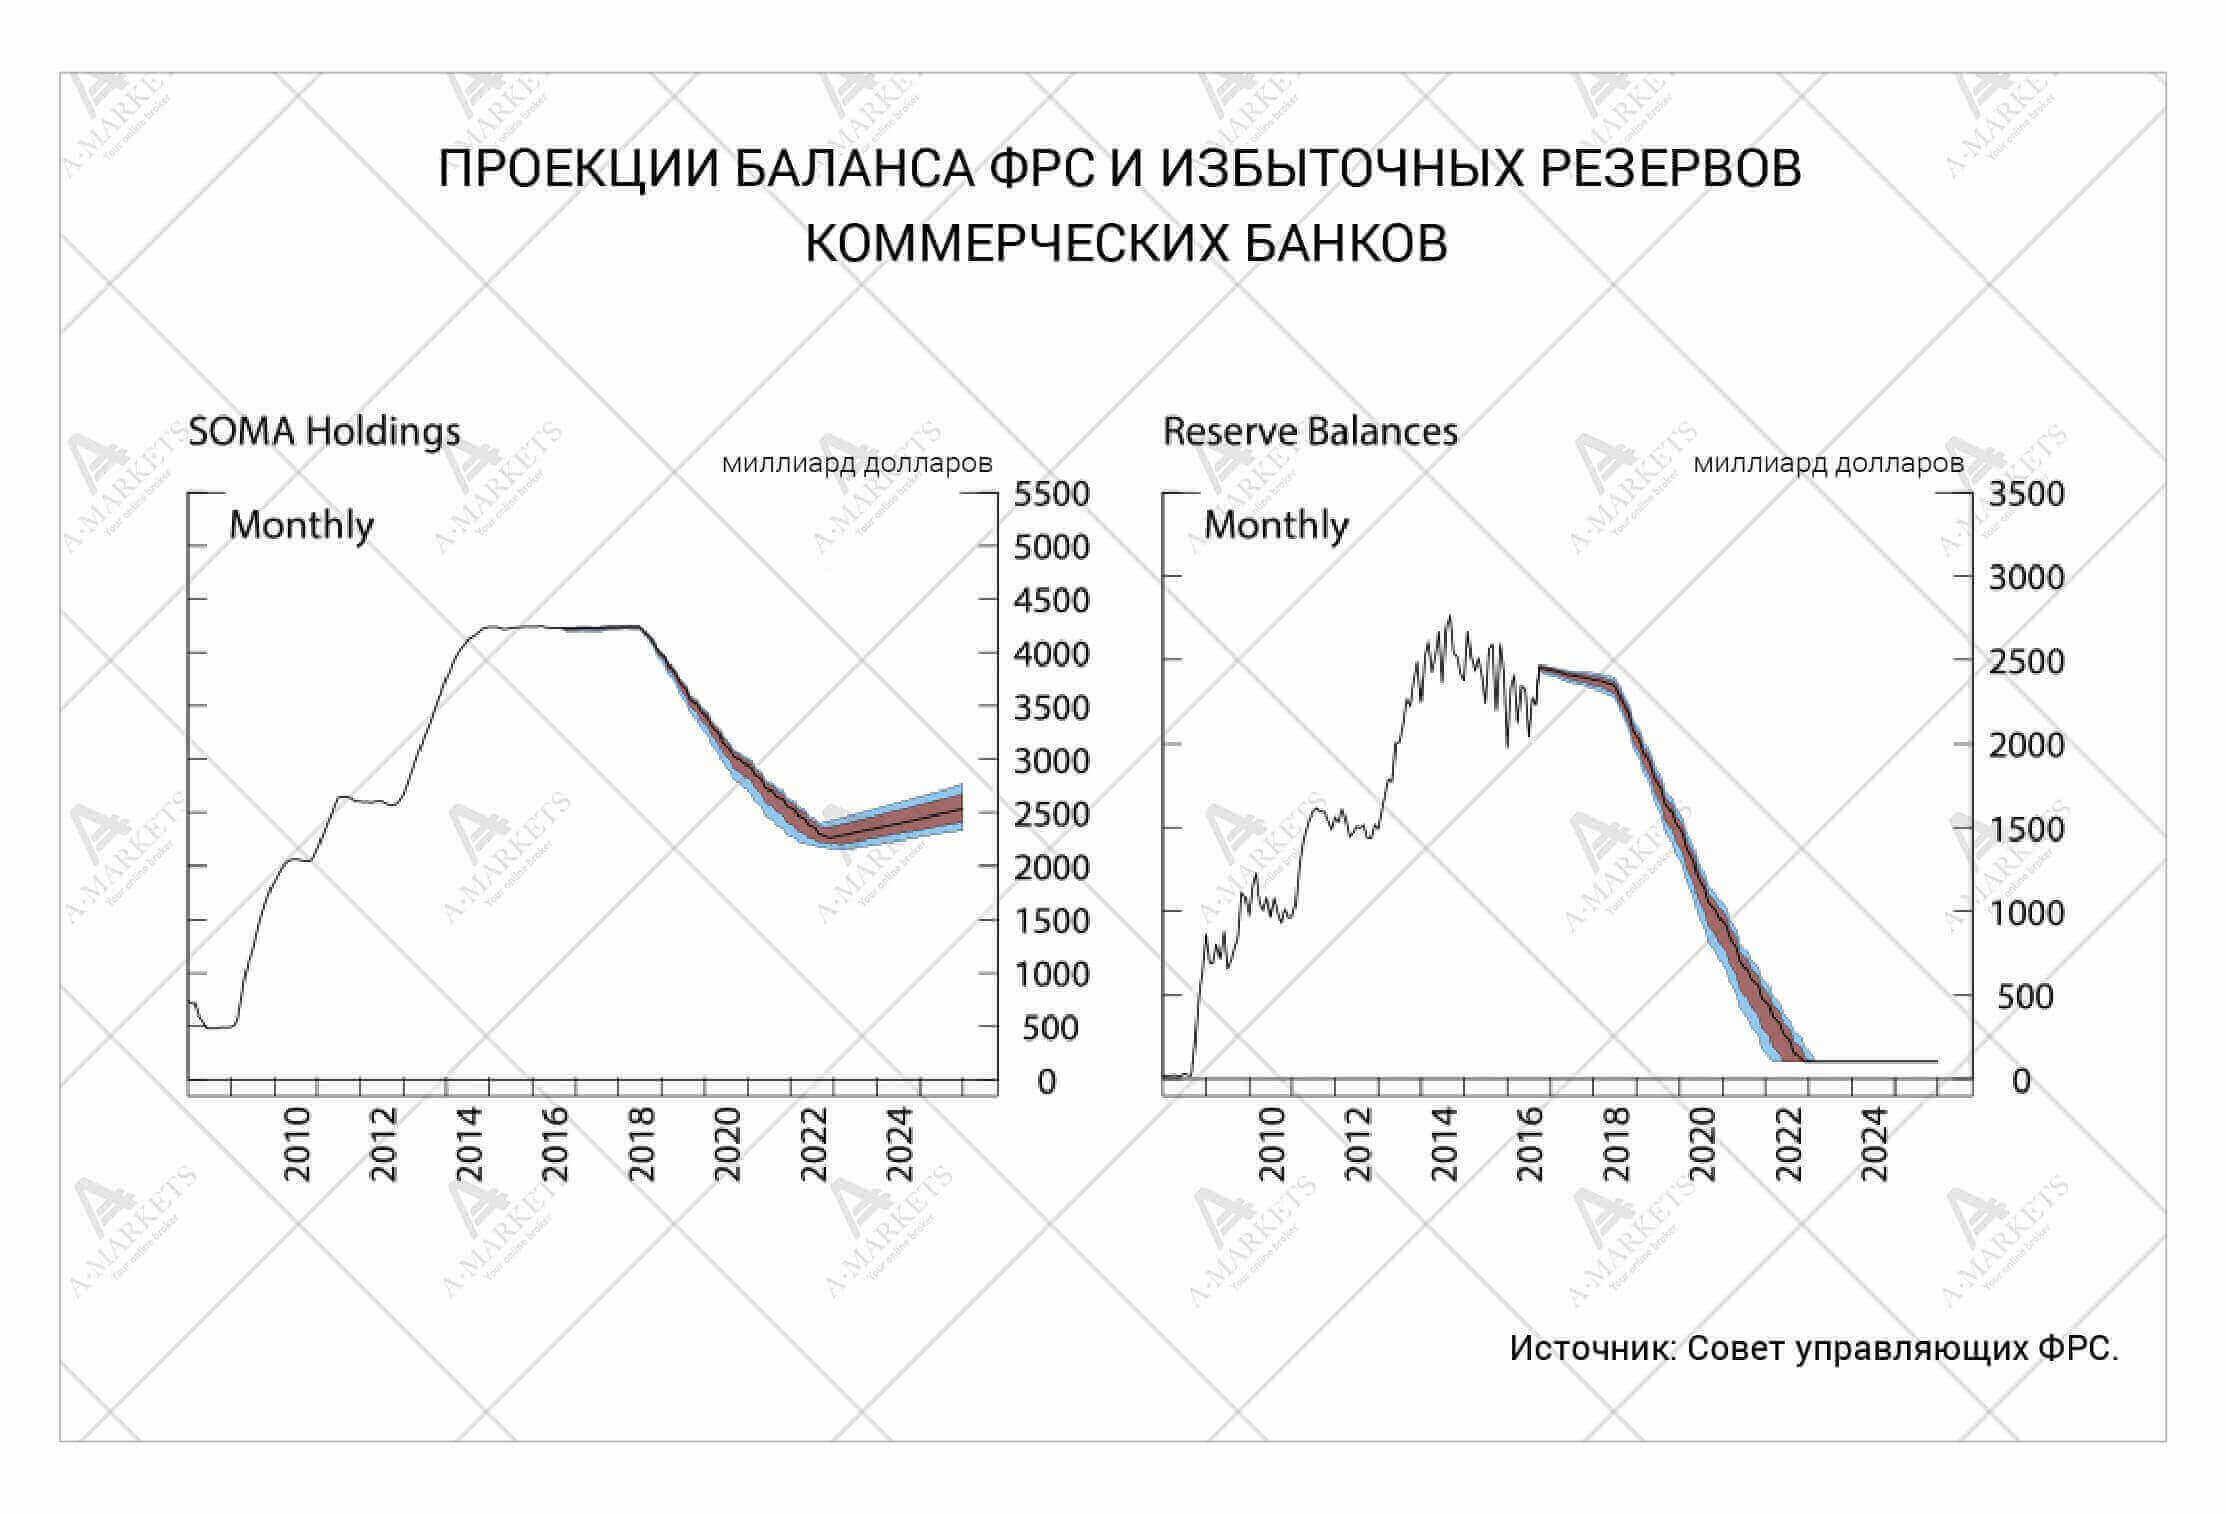 Проекция баланса ФРС и избыточных резервов коммерческих банков. Аналитика Николая Корженевского